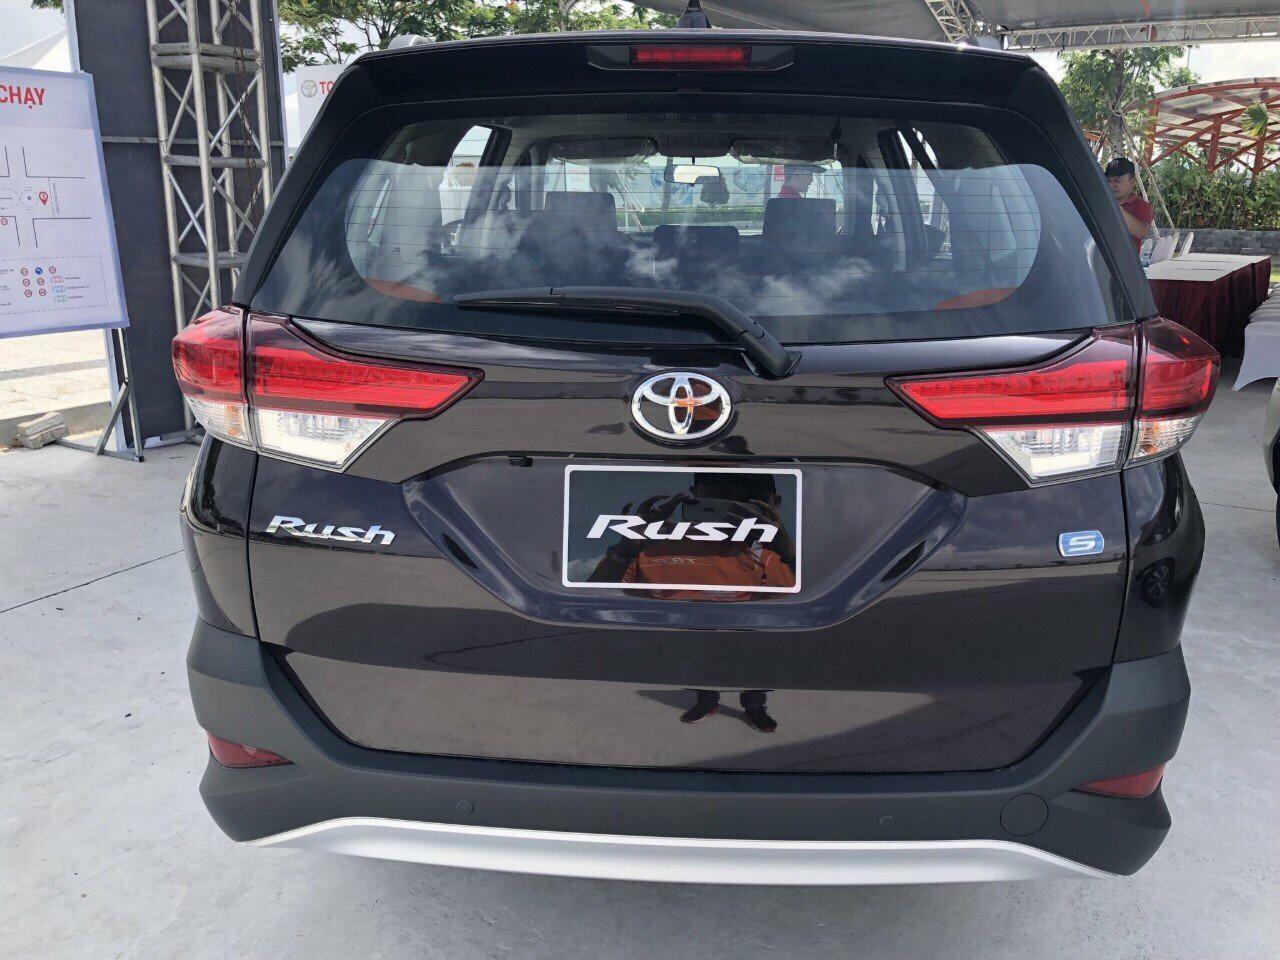 Toyota Rush màu nâu ảnh 11 - Toyota Rush: giá xe và khuyến mãi tháng [hienthithang]